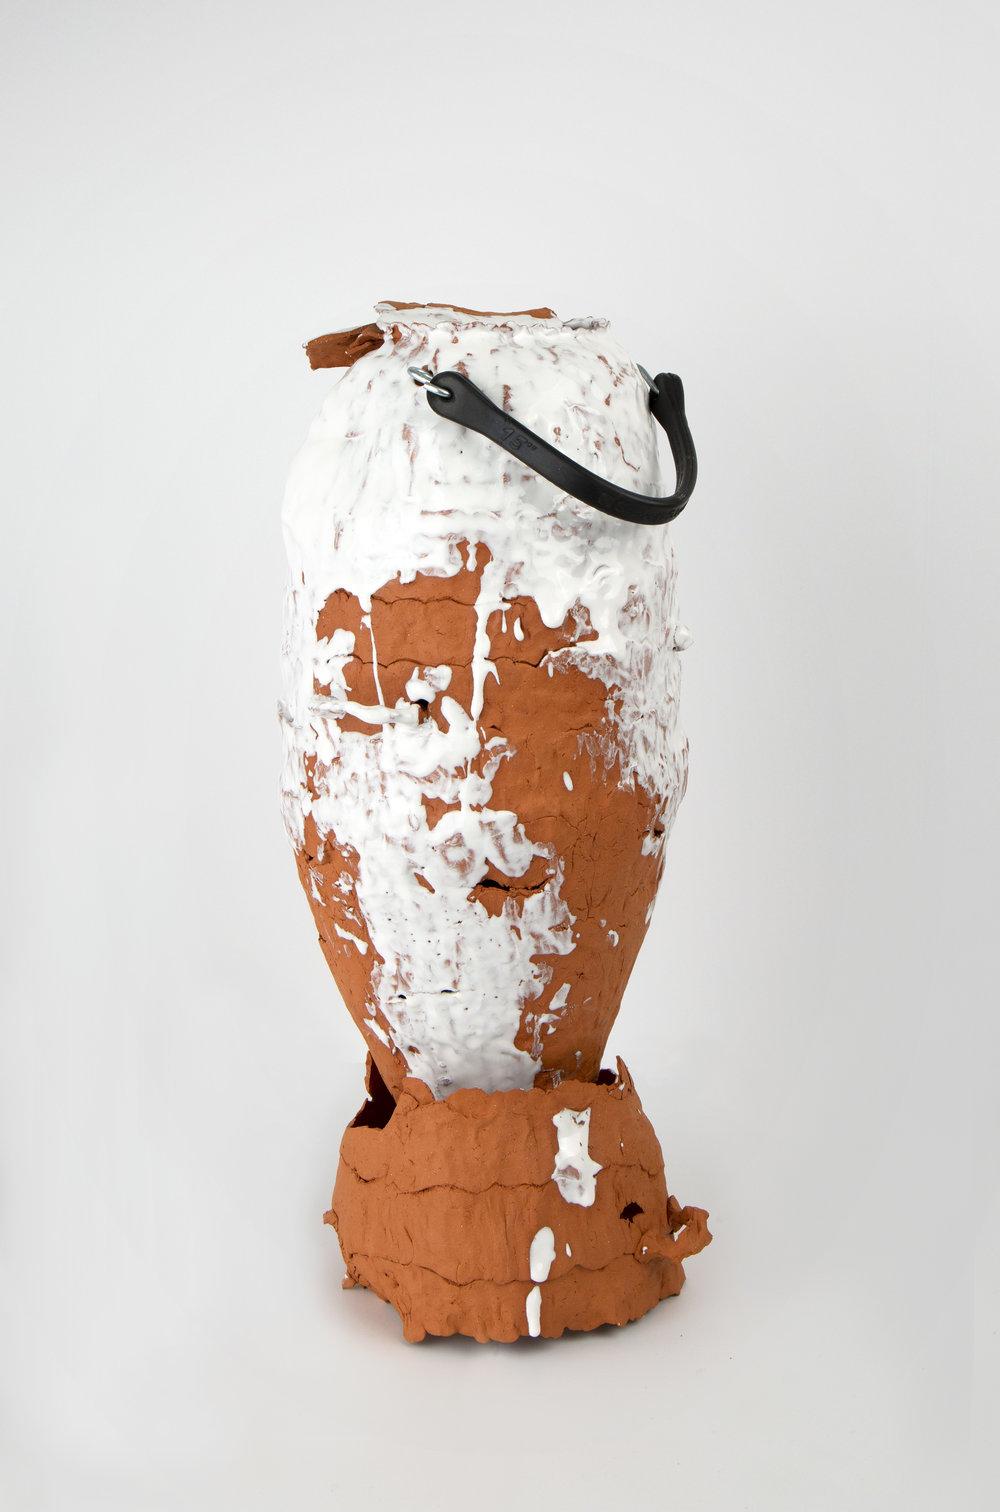 Smart Strap  Earthenware, glaze, rubber, metal  2018